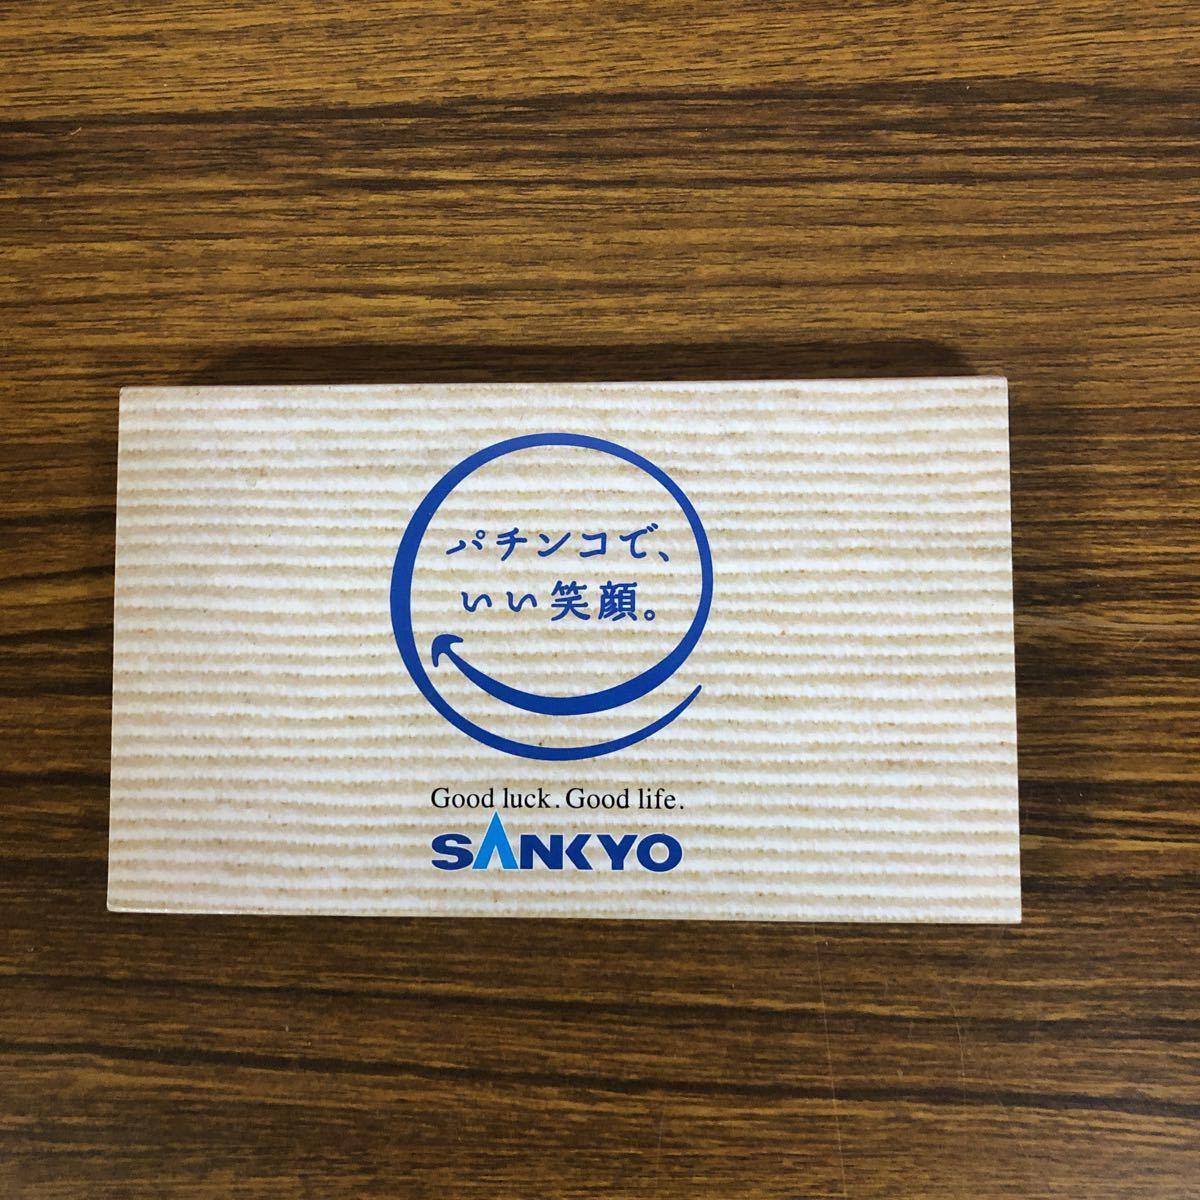 2093 パチンコSANKYO非売品ゴルフマーカーセット_画像1